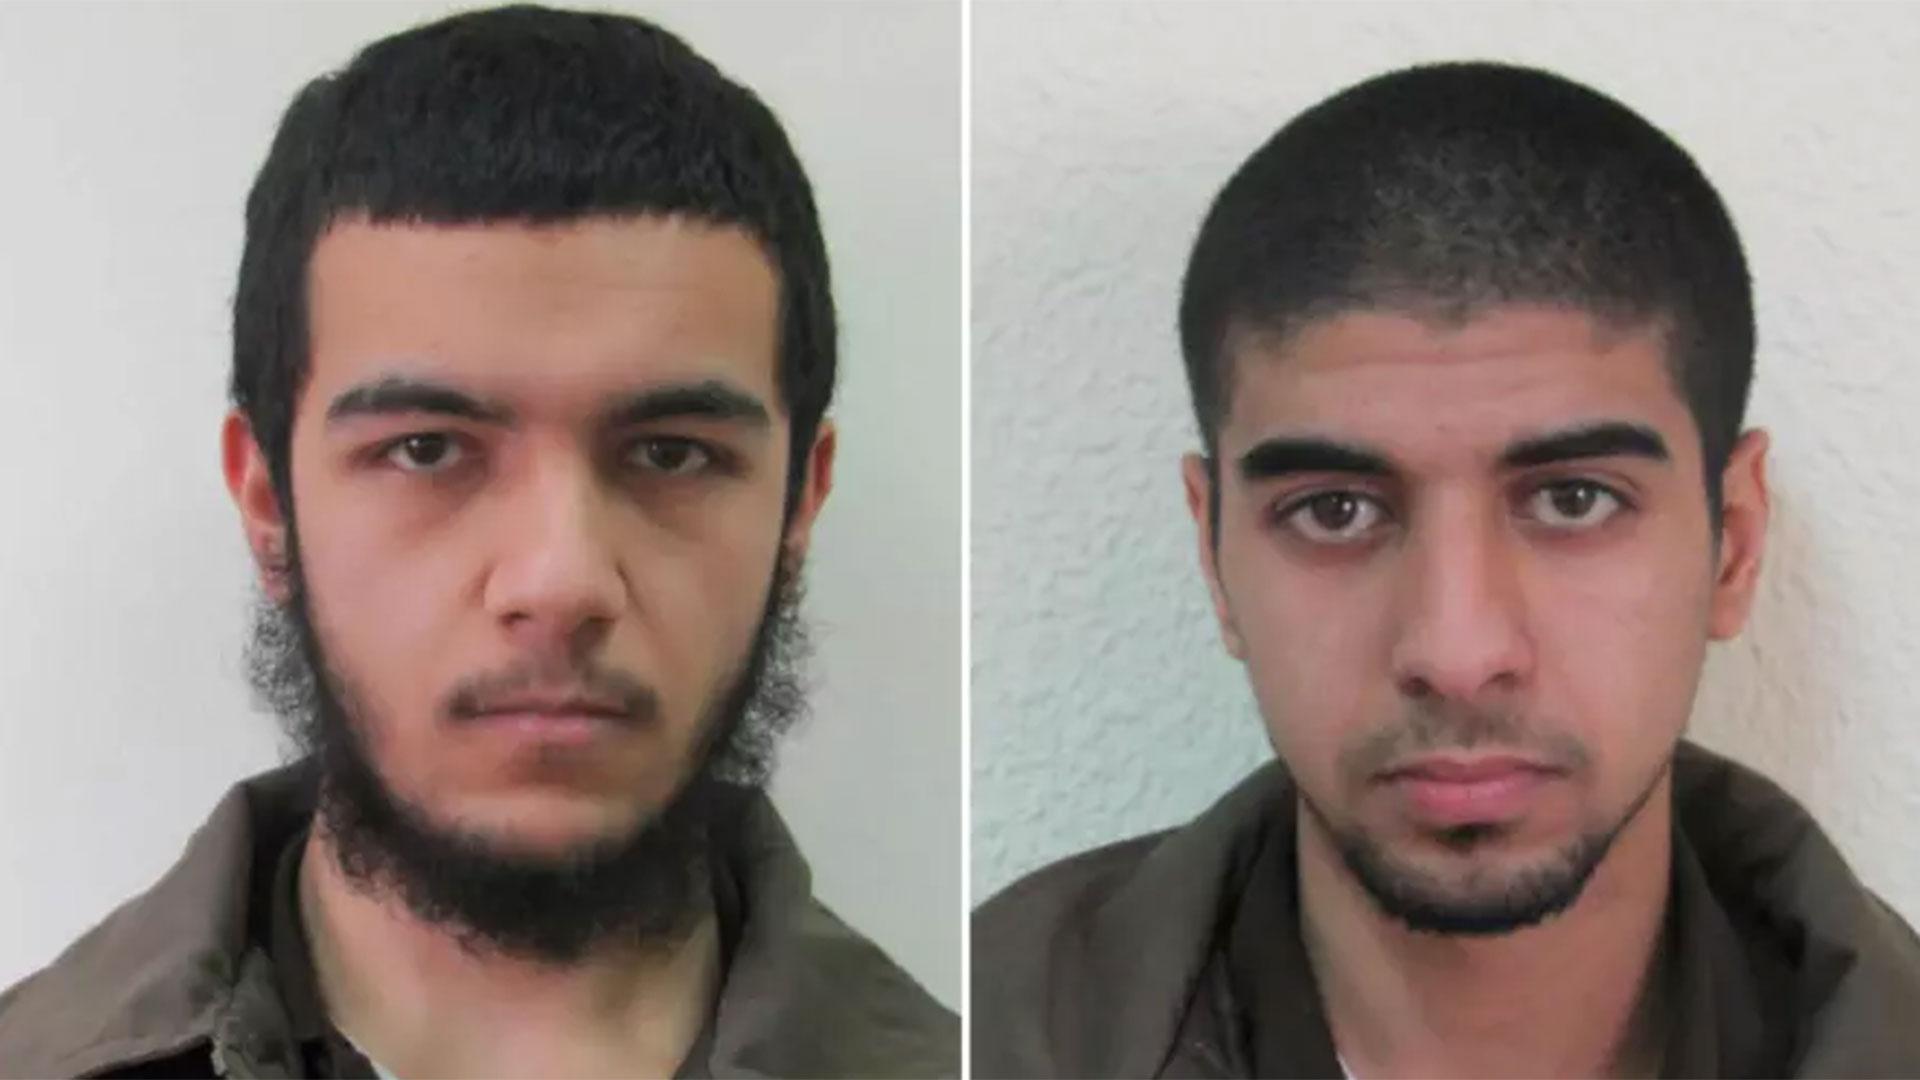 Estos son los dos terroristas mayores de edad que fueron detenidos; la identidad del menor no fue revelada